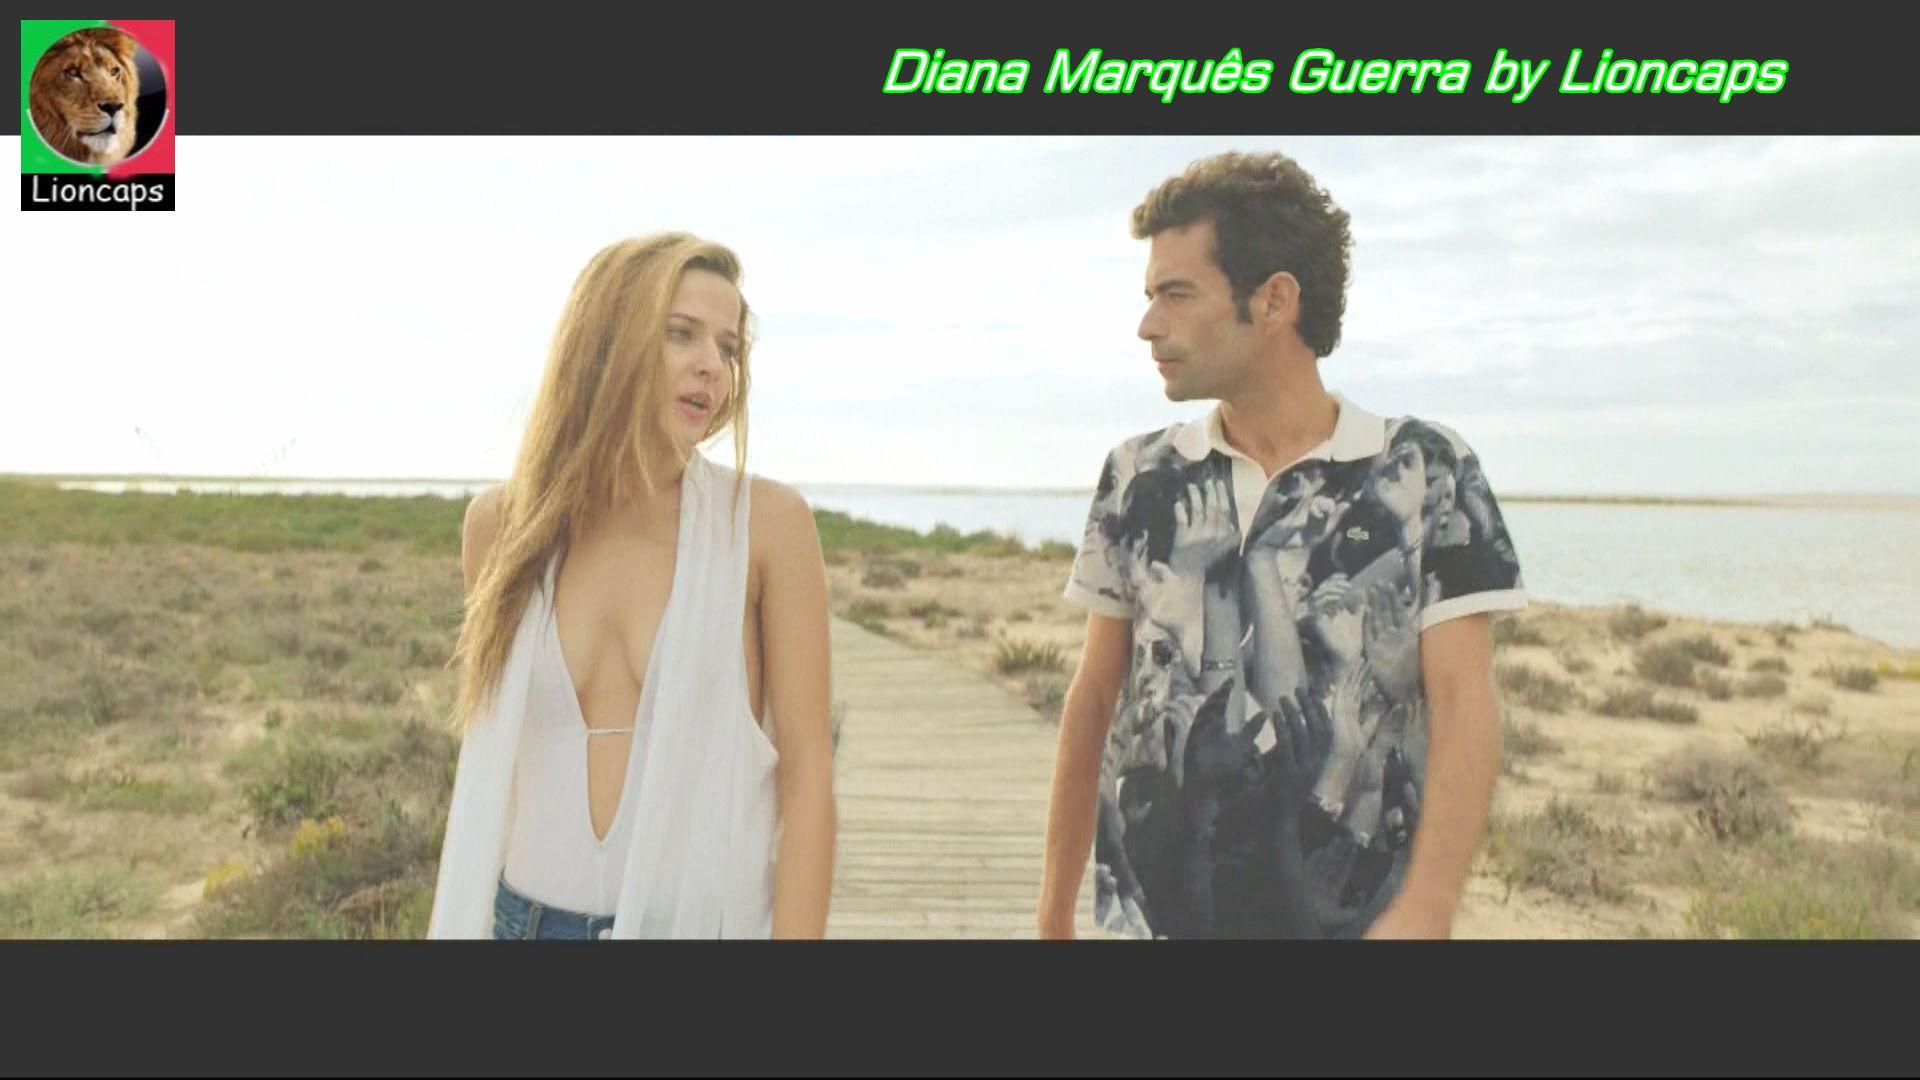 492763187_diana_marques_guerra_vs181117_00111_122_342lo.JPG